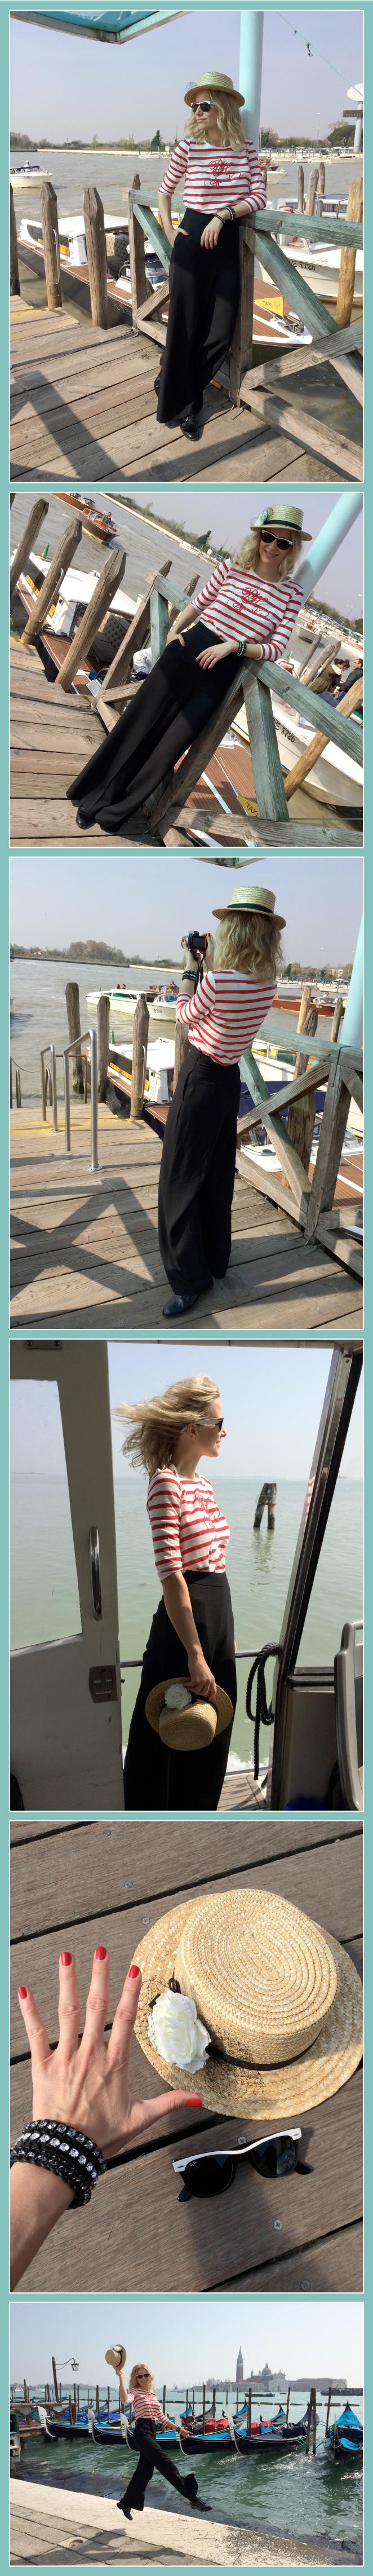 María León con outfit de camiseta a rayas de PDH Sport, pantalón negro de Mango, zapatos de cordones de Zara, canotier de Ontop Barcelona, gafas Ray Ban, pulseras de Swarovski y manicura roja de Nails Couture